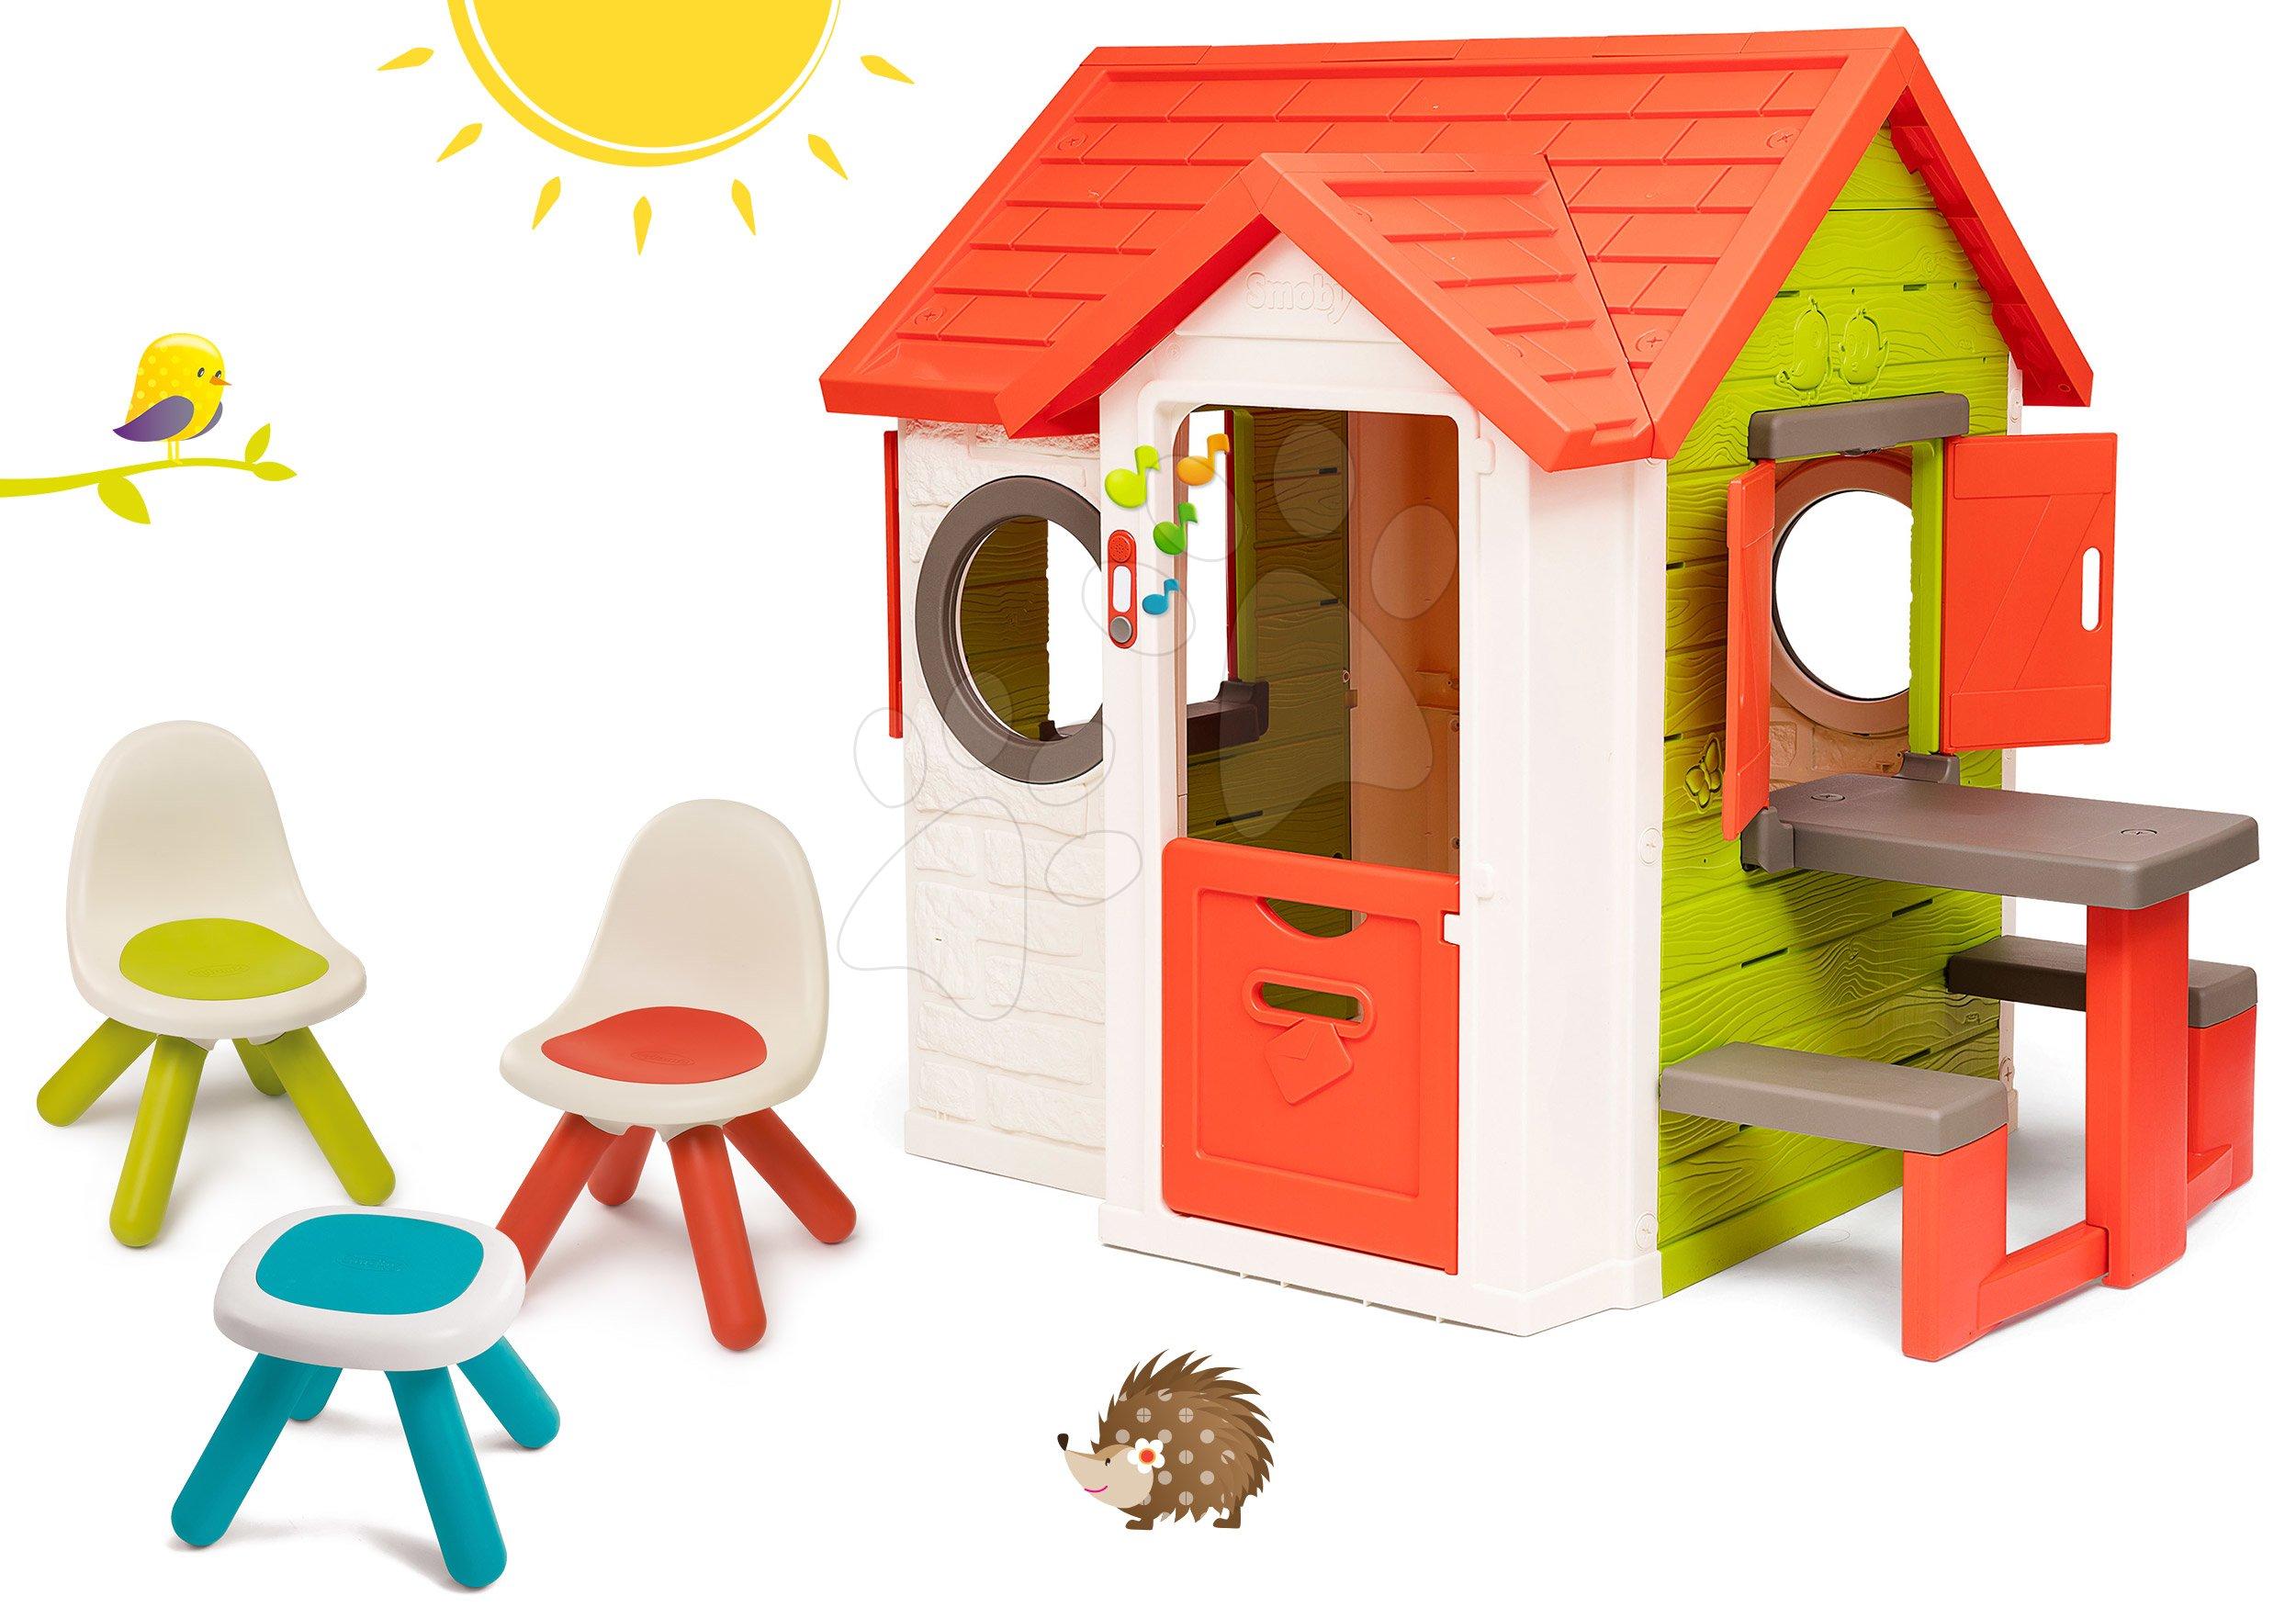 Set domeček My Neo House DeLuxe Smoby se zvonkem a zadním vchodem a piknikový stůl s židlemi KidChair od 24 měs